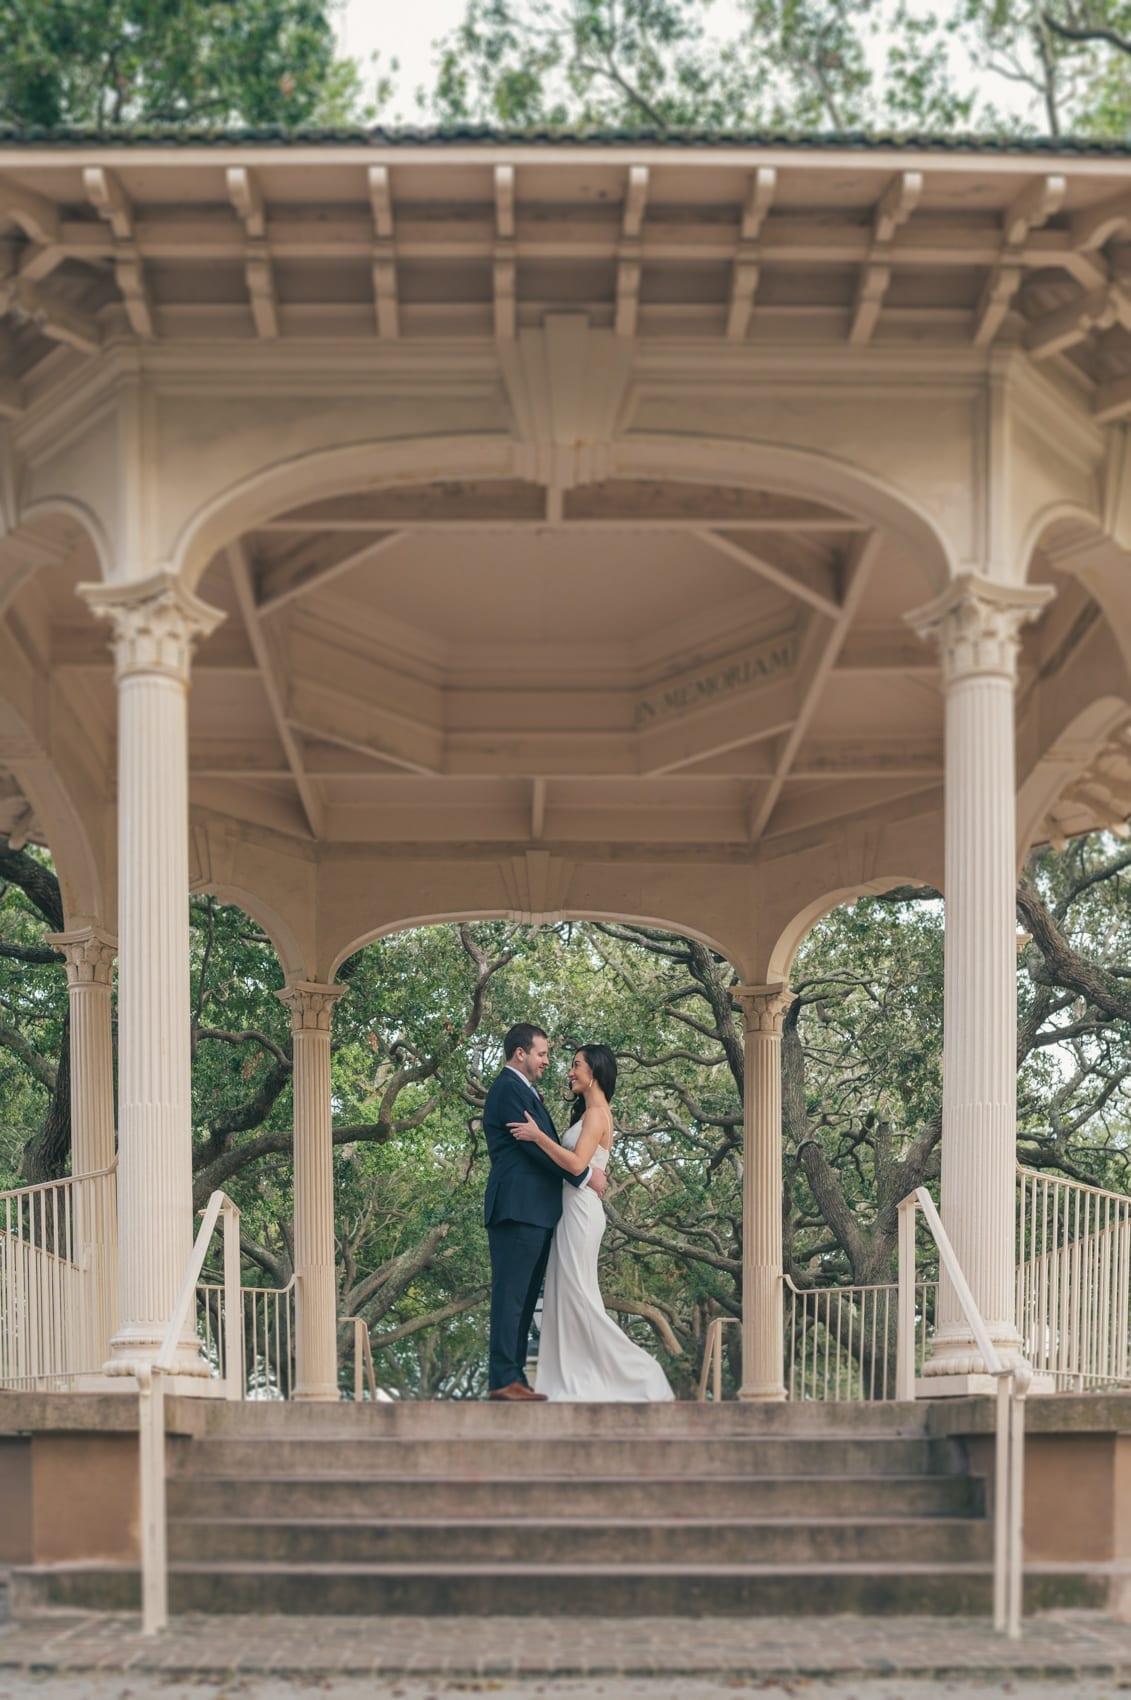 Thara Photo Chicago Engagement Wedding Photographer